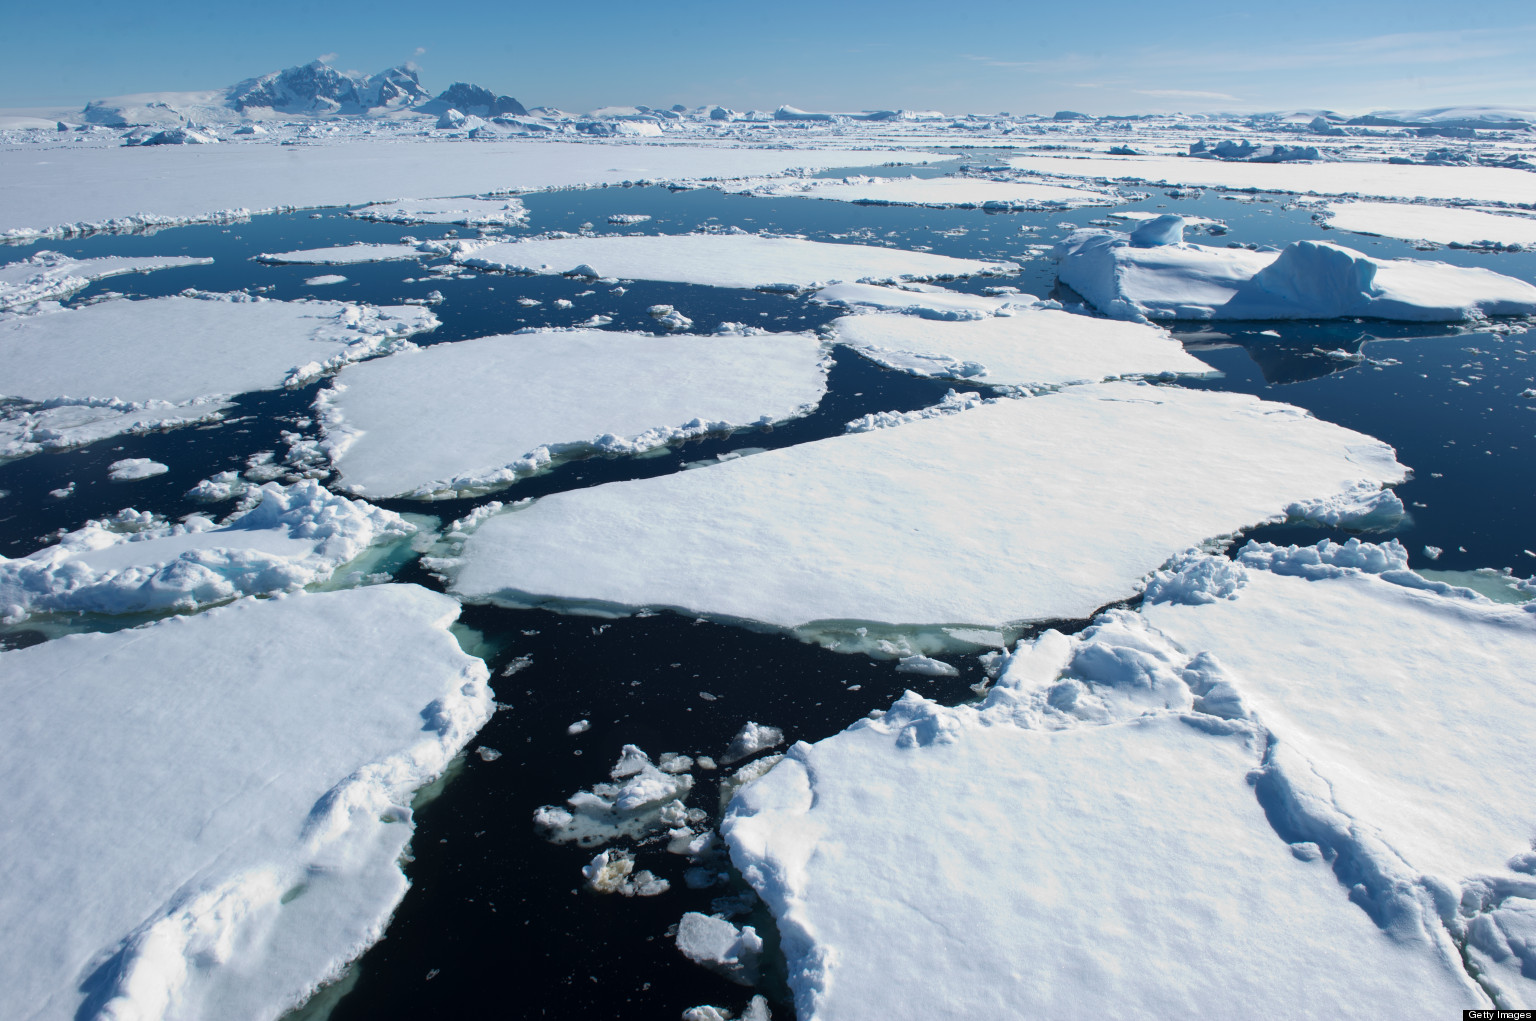 Τετραπλασιάστηκε η ταχύτητα που λιώνουν οι πάγοι τα τελευταία 15 χρόνια